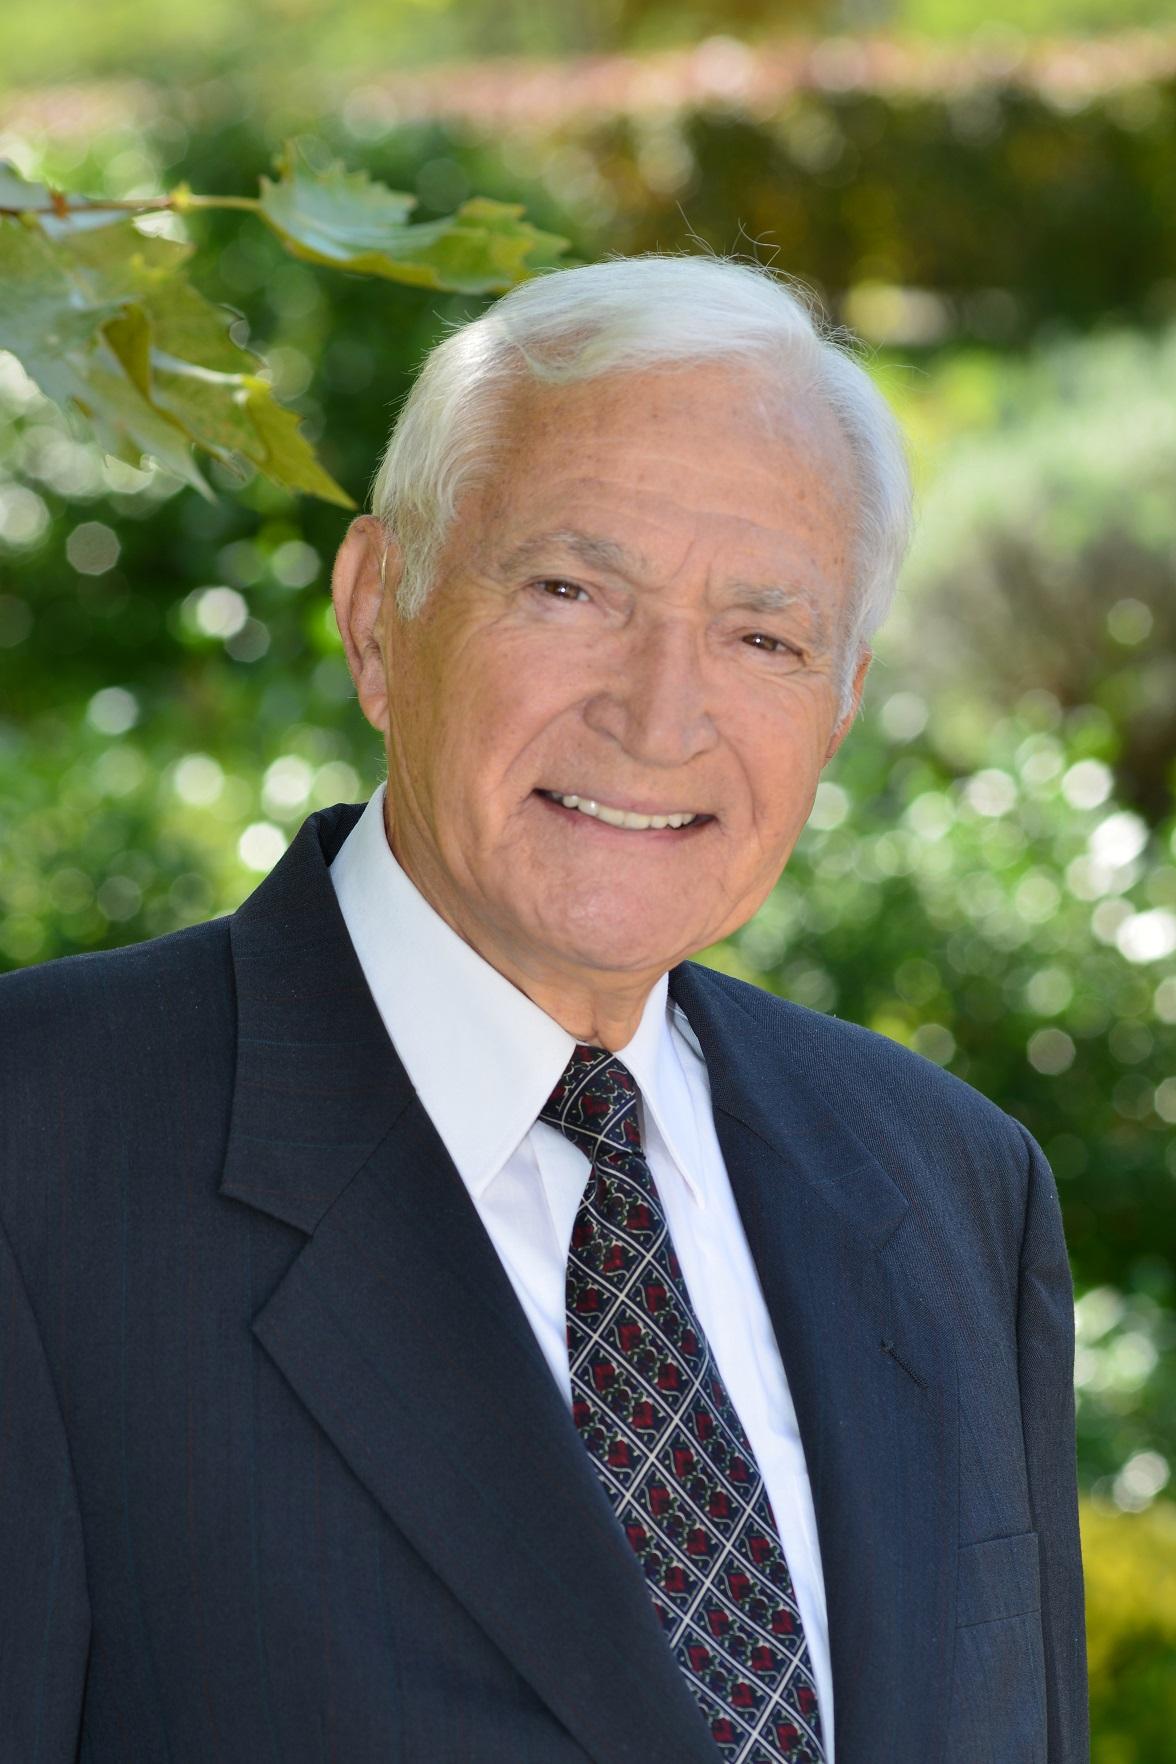 Domenick G. Scaglione, Chairman Emeritus